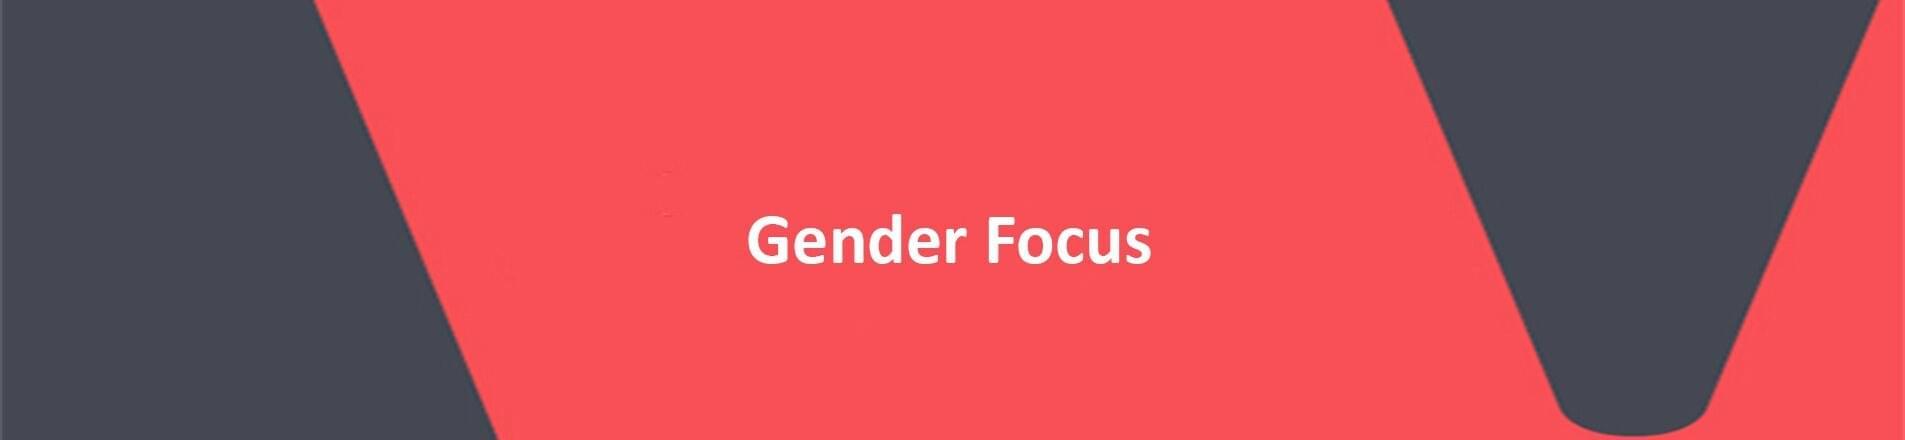 Gender Eurostar